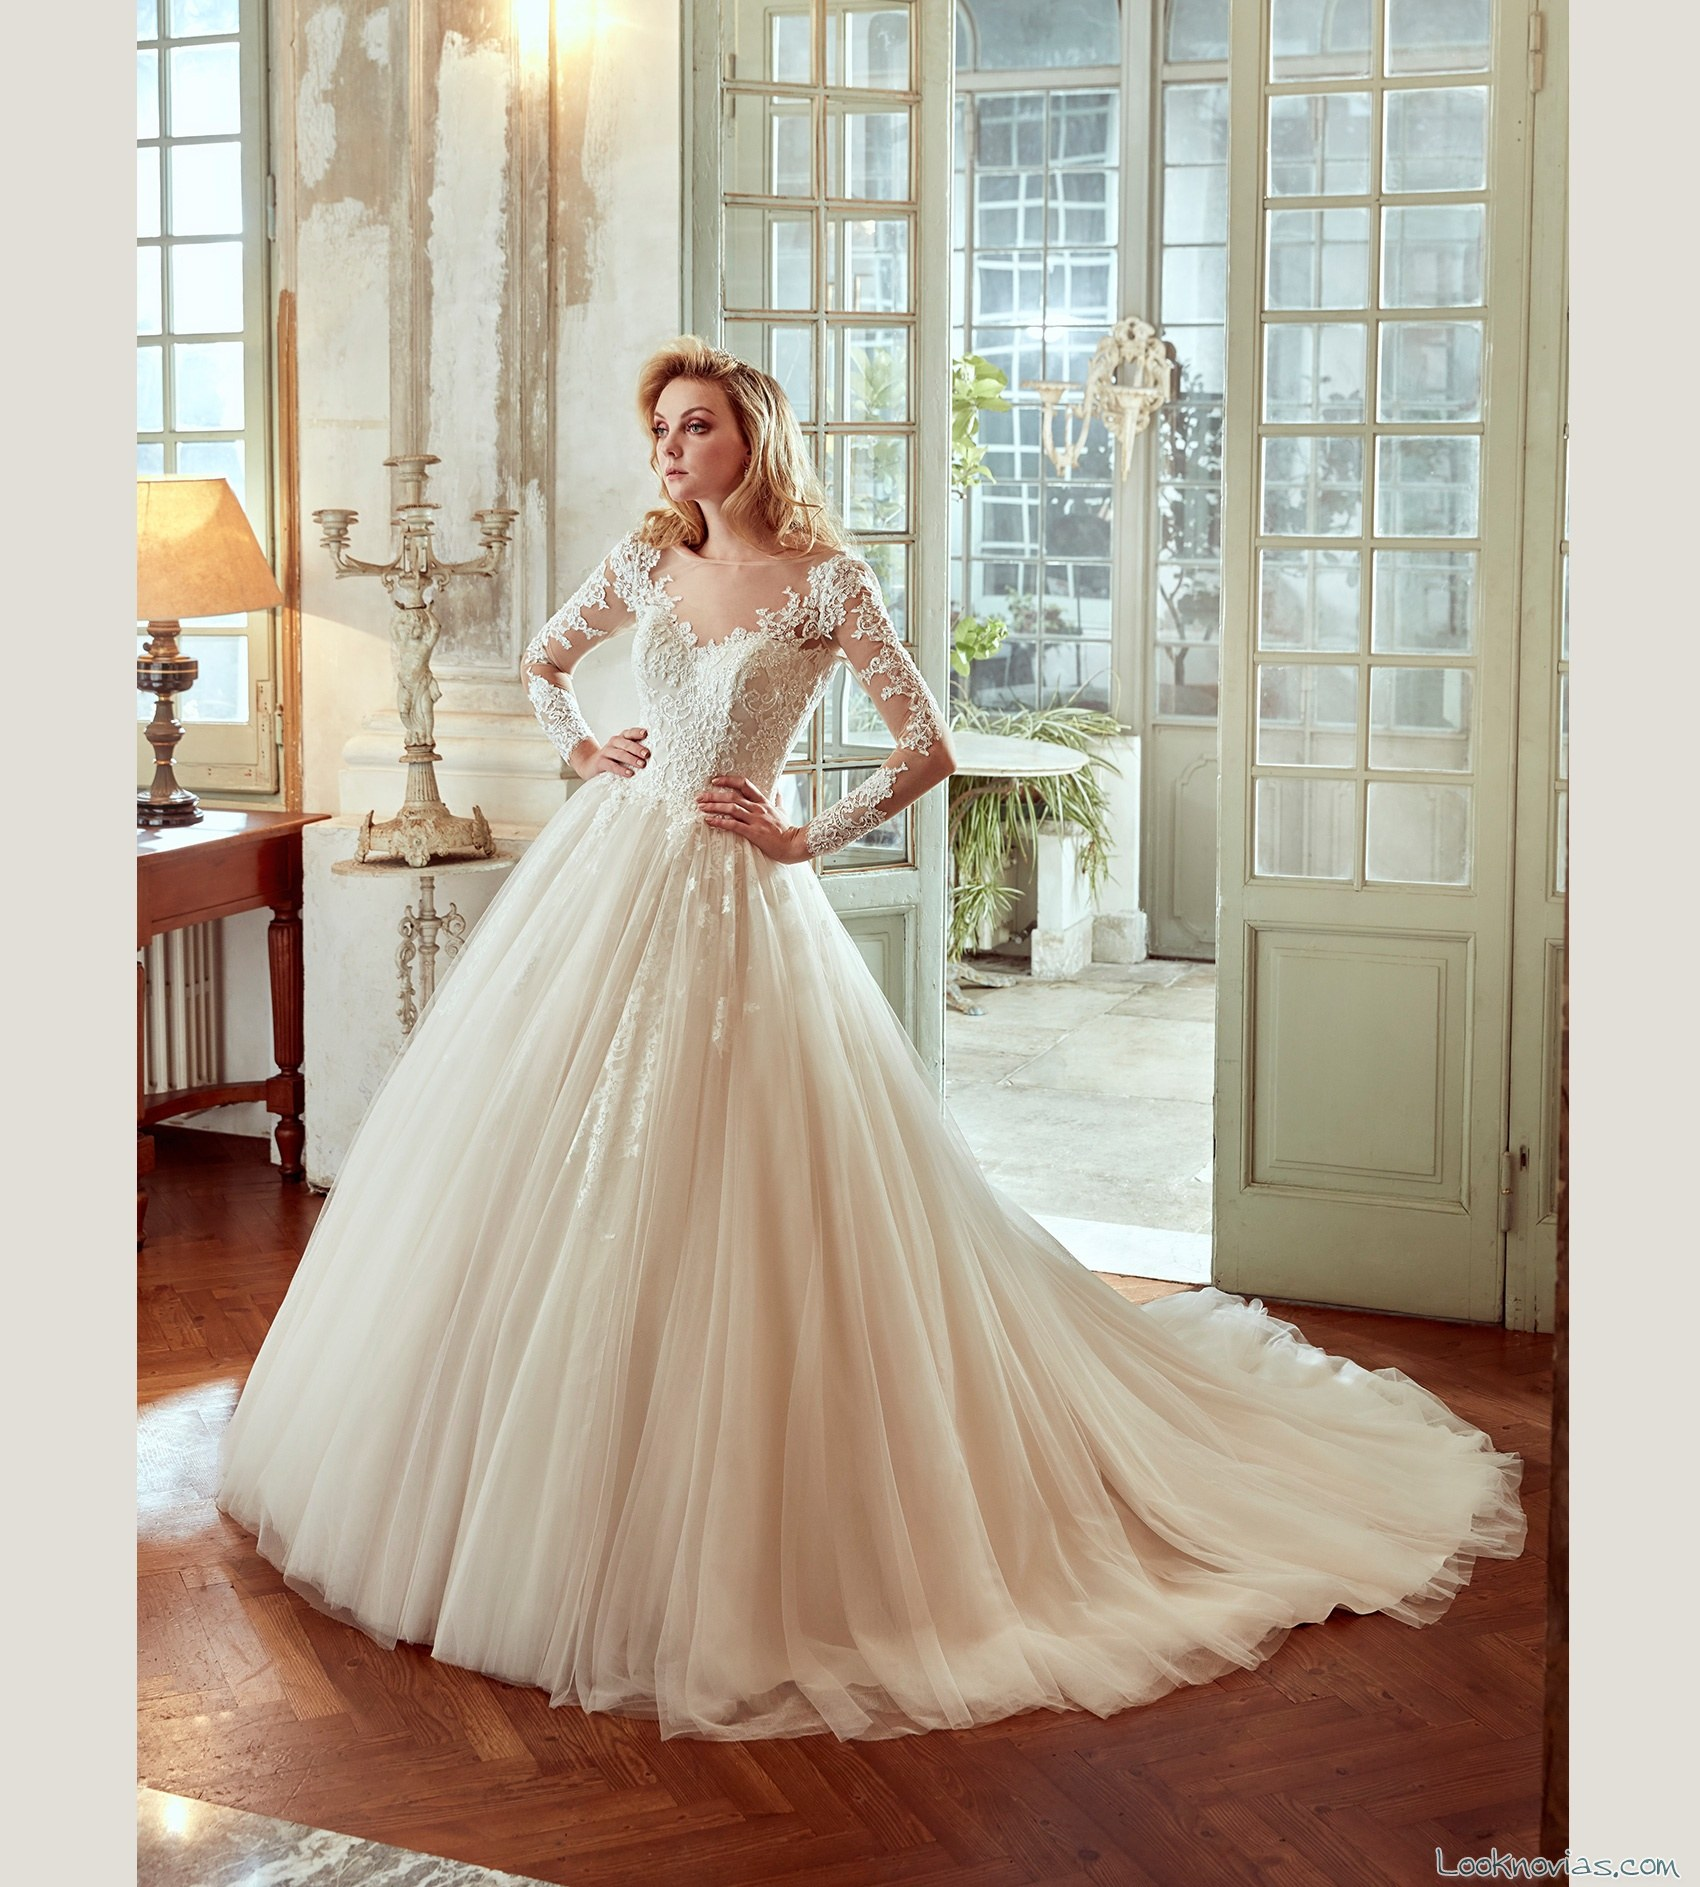 traje princesa nicole spose 2017 bodas